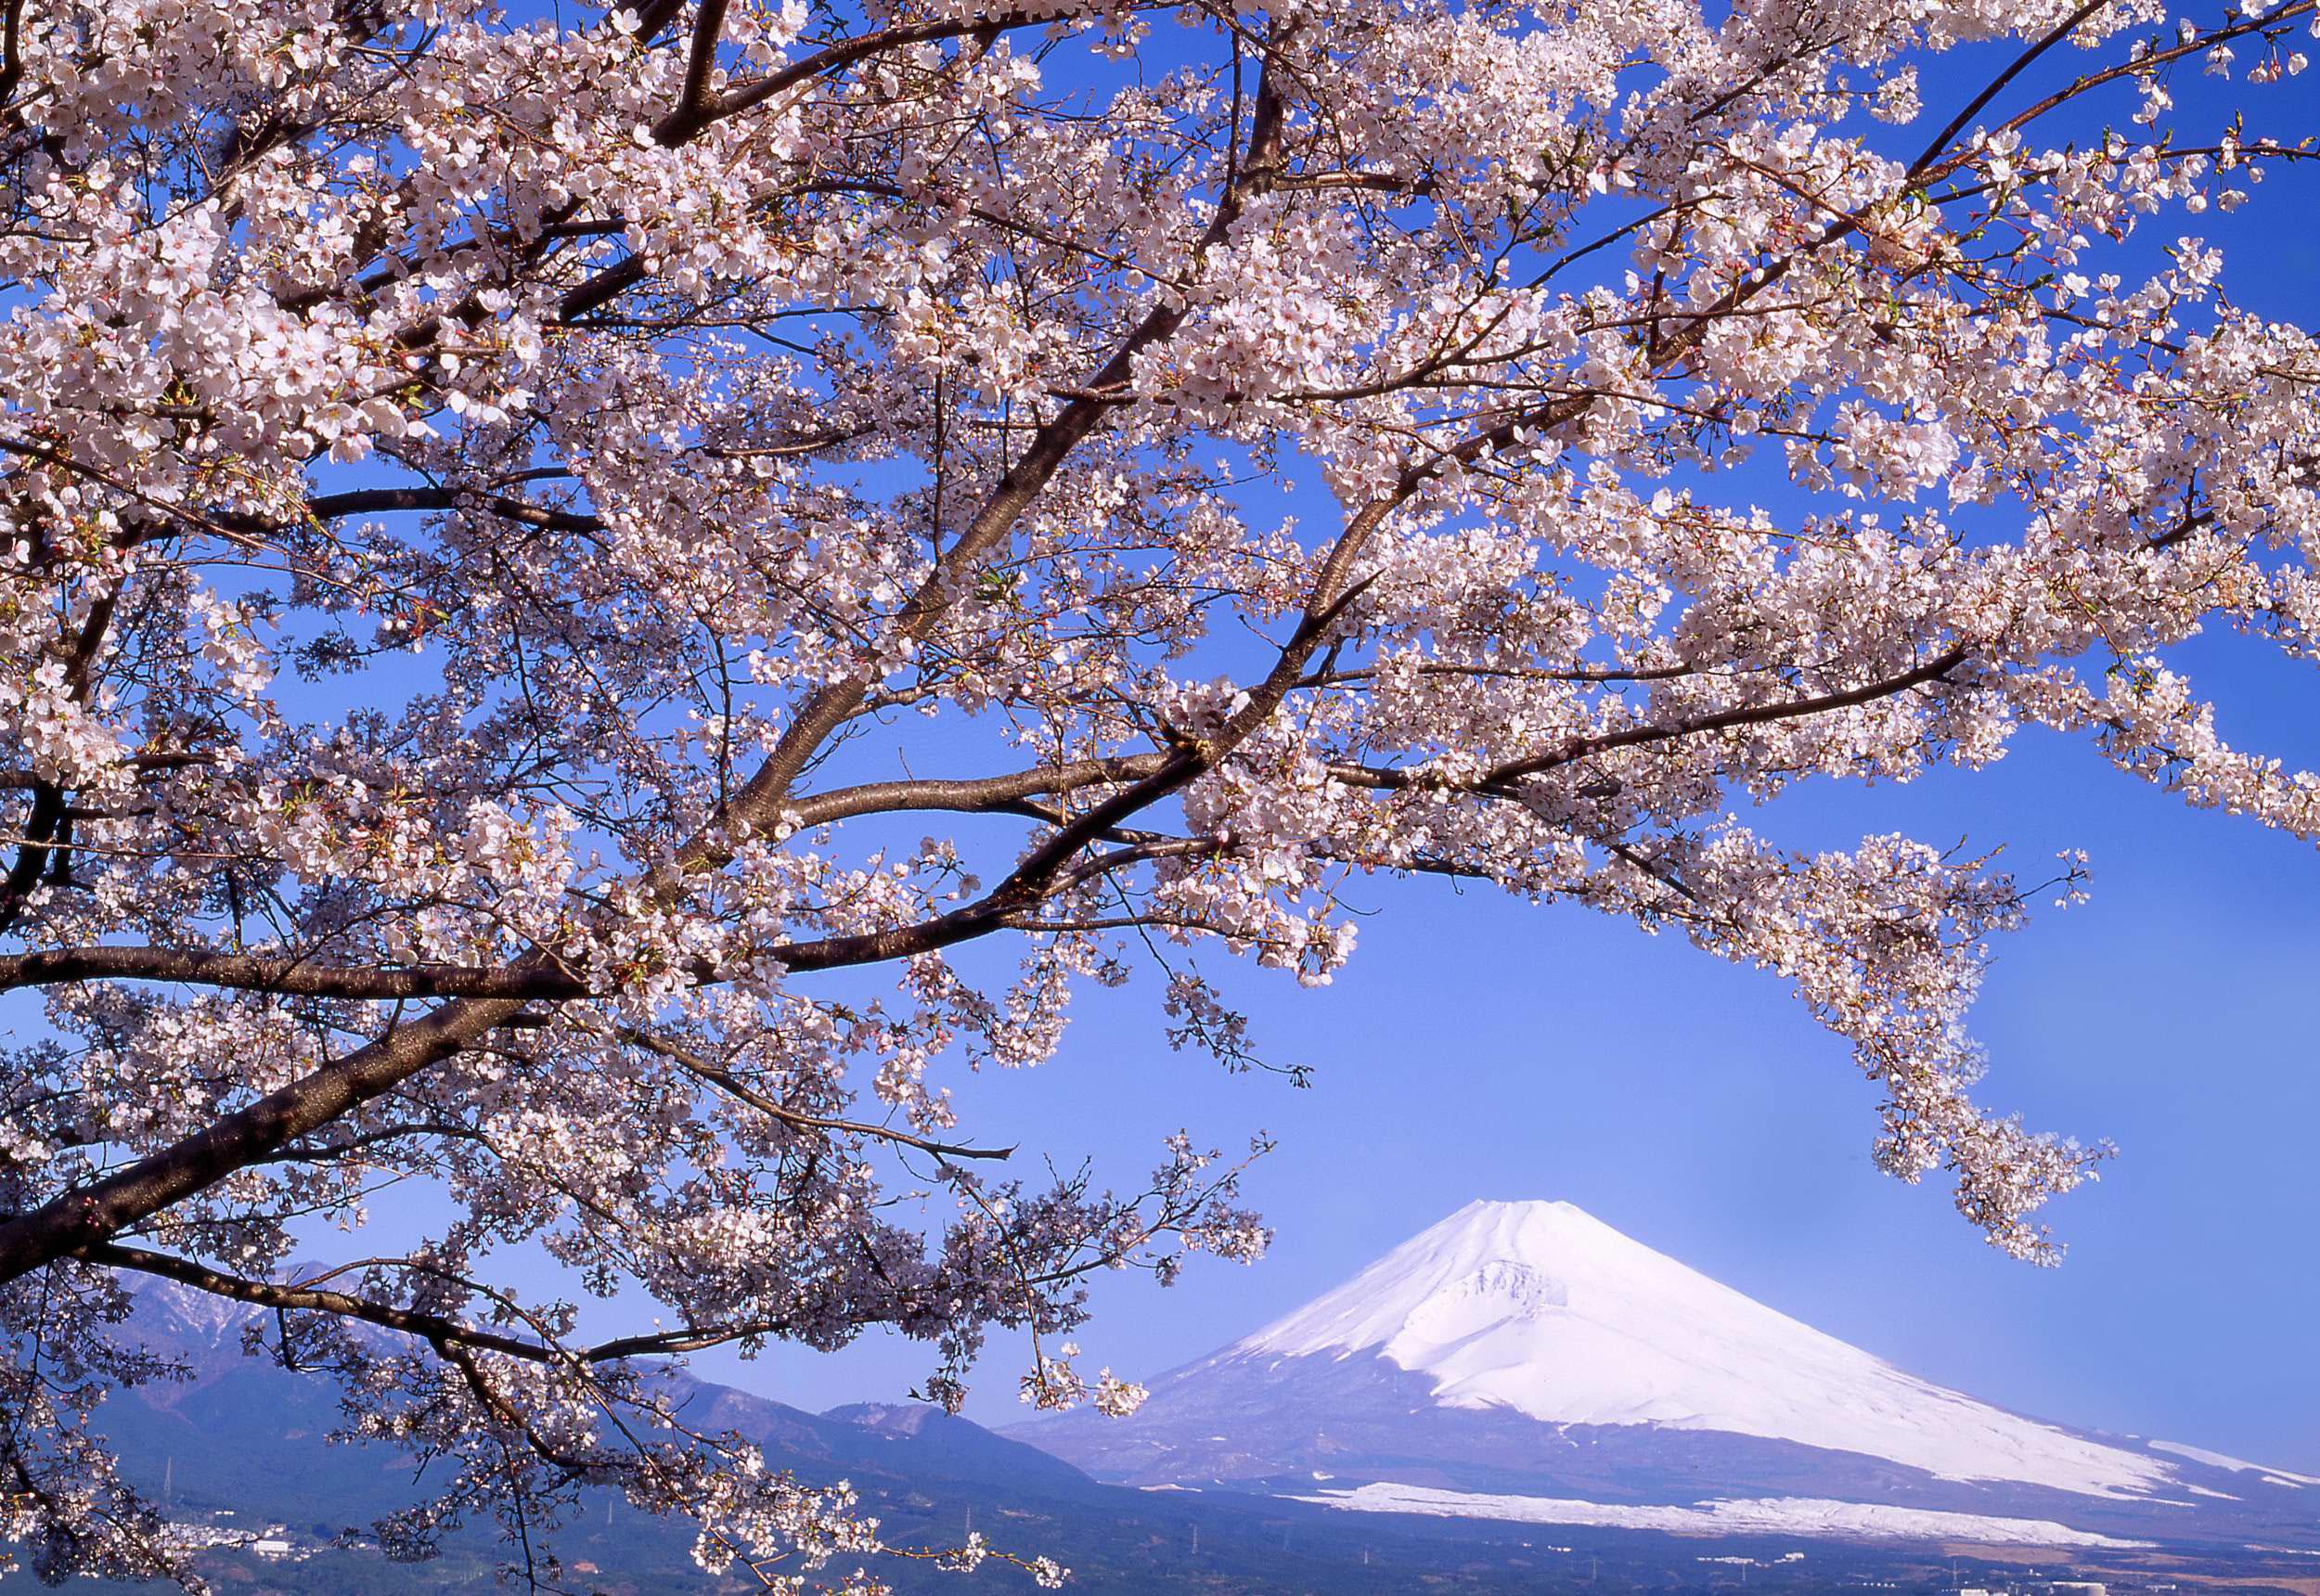 Pc壁紙 富士山 裾野市の富士山フリー素材です 裾野市観光協会